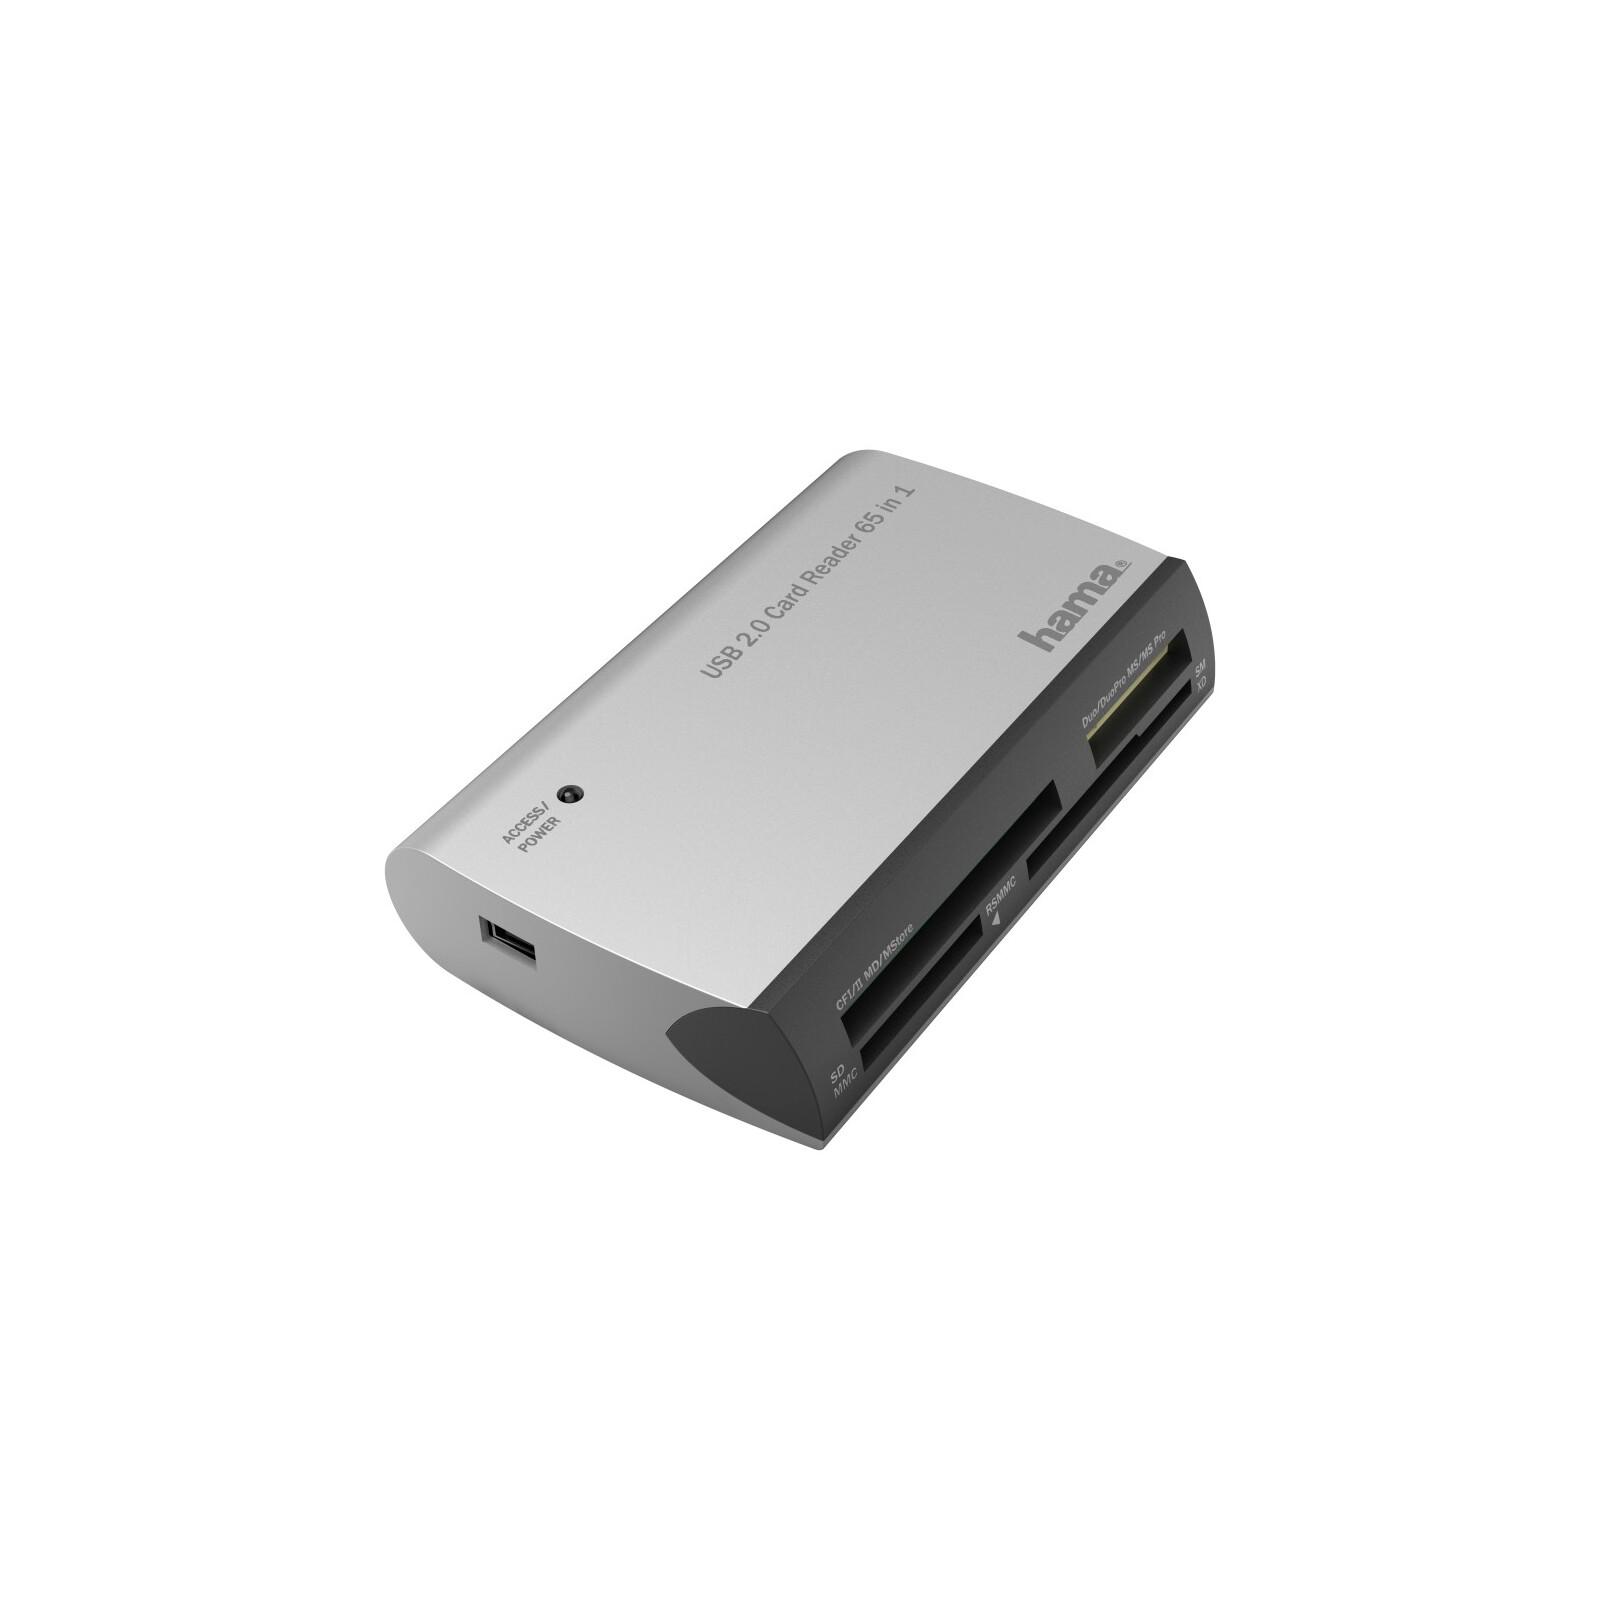 Hama USB 2.0 Kartenleser All in One